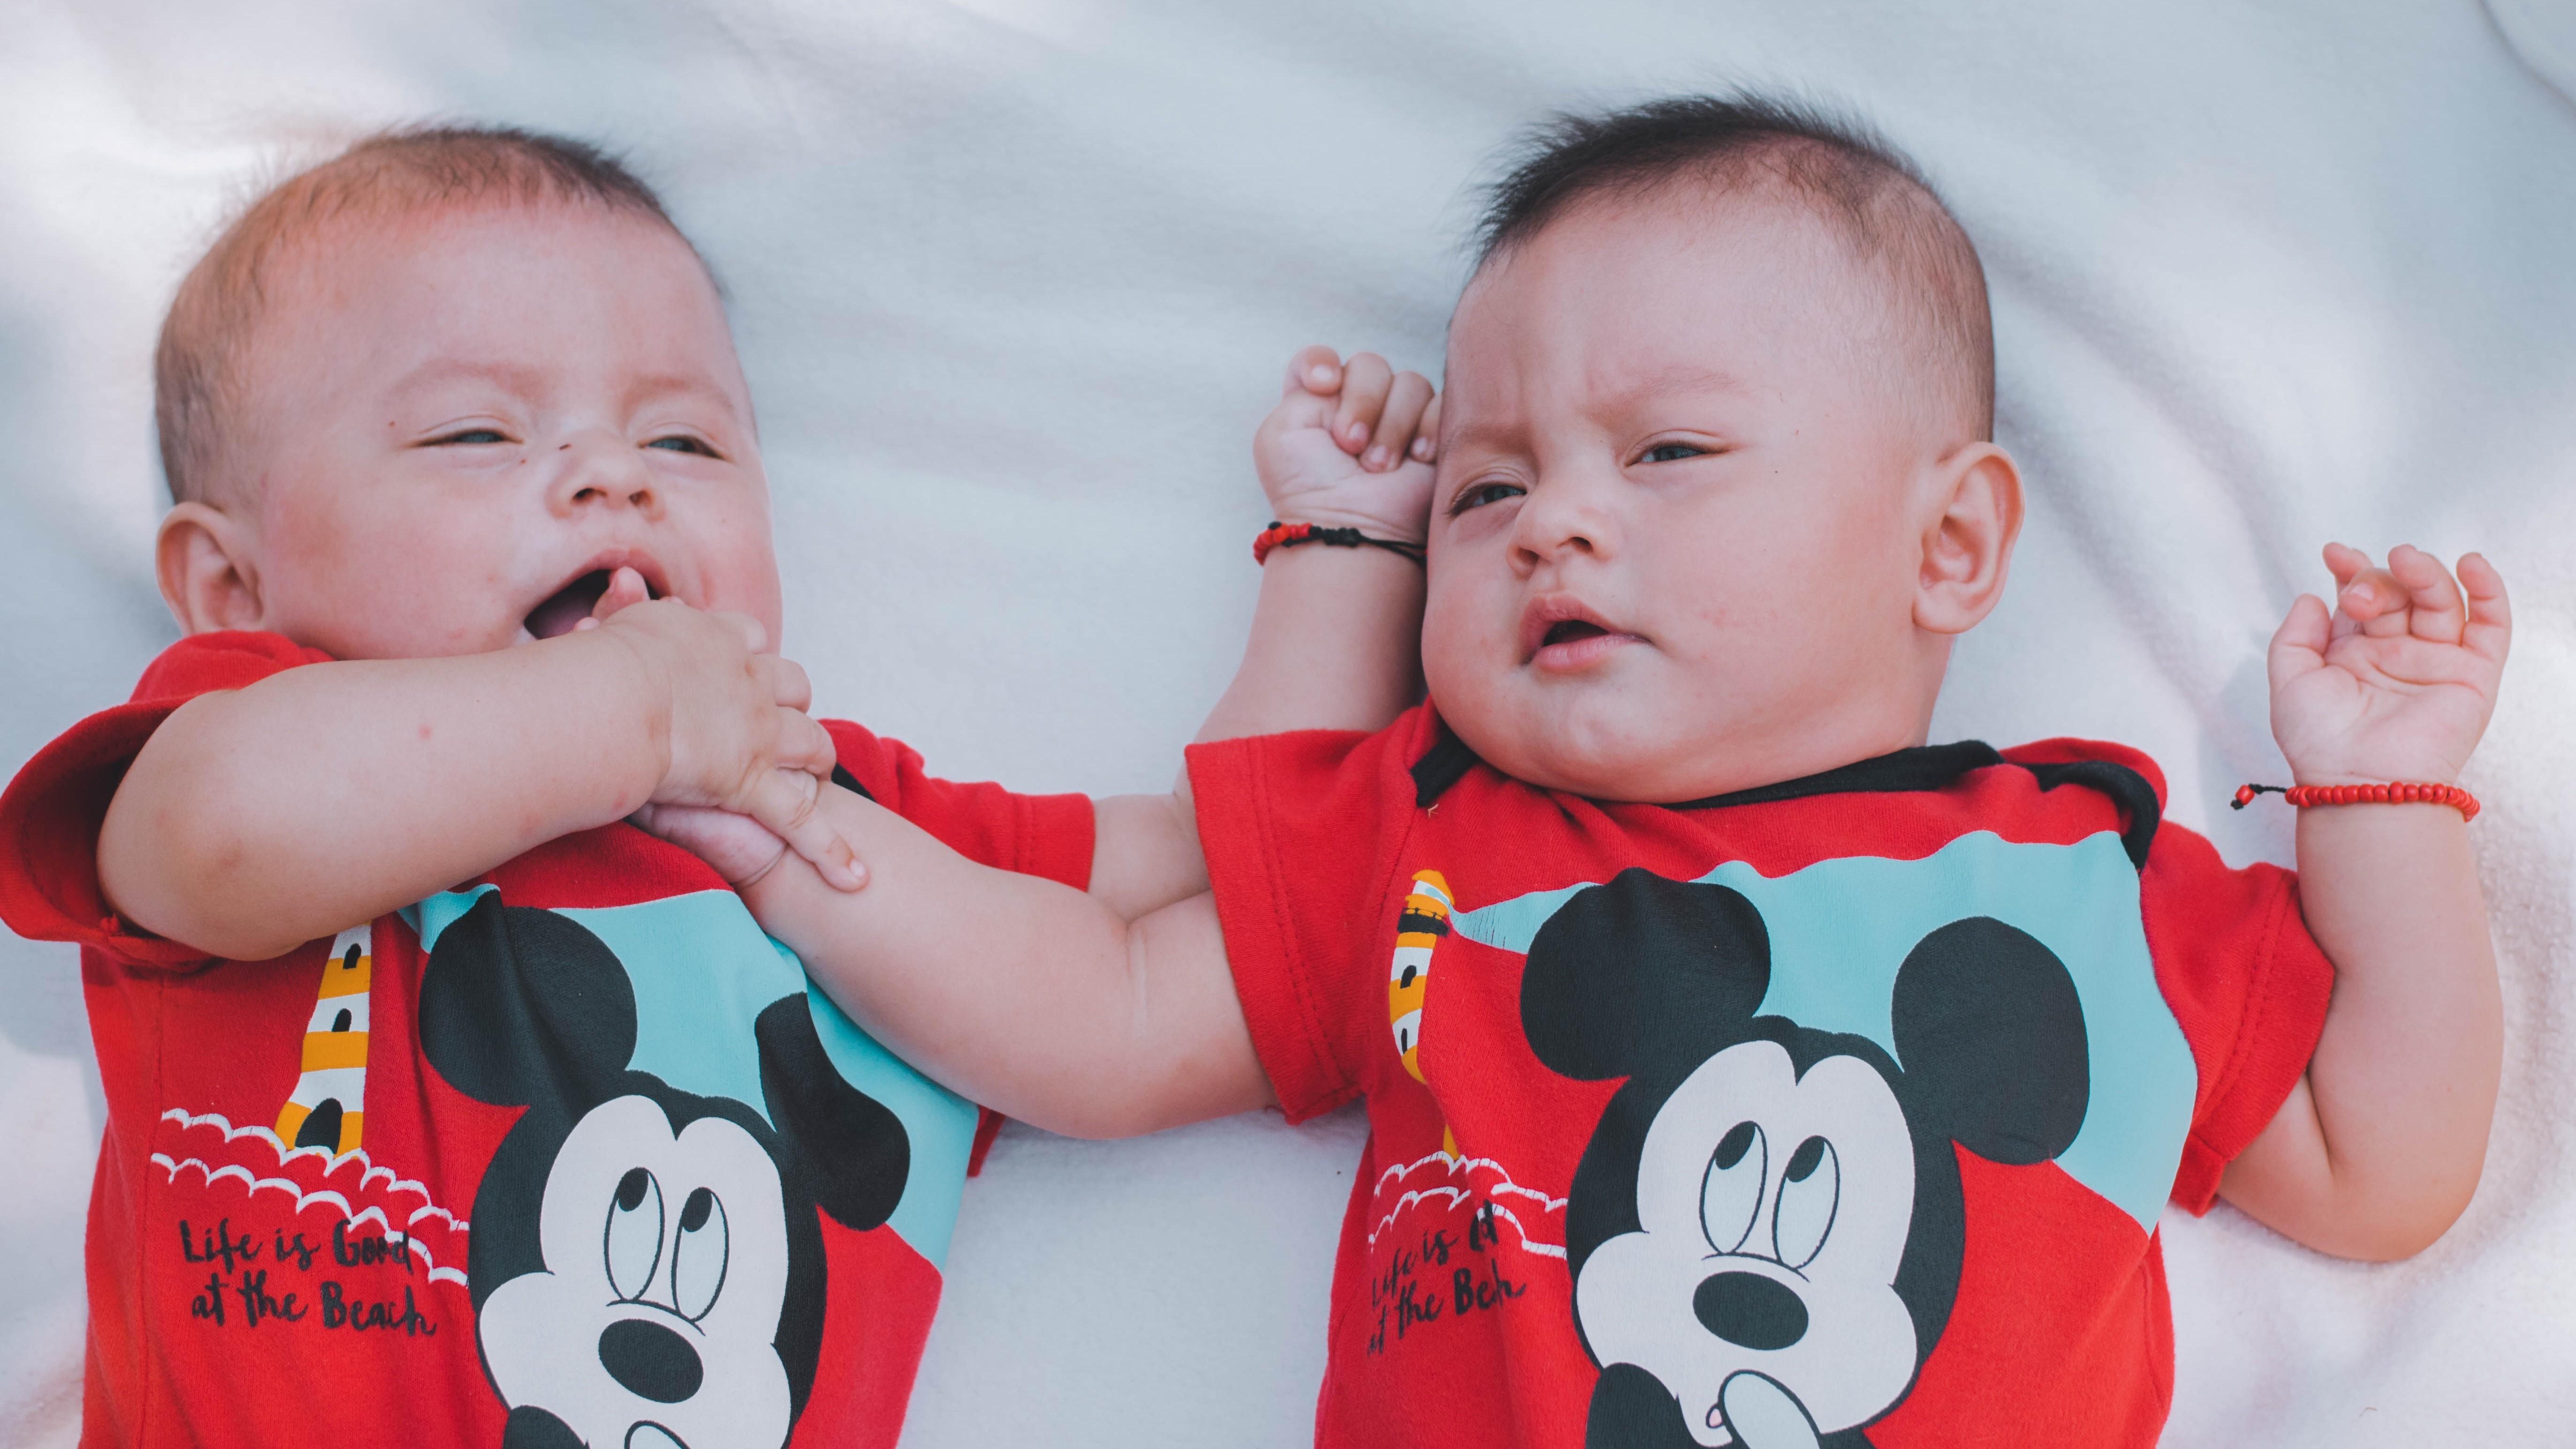 Zwillinge liegen hintereinander - wie lange sich ein Zwilling verstecken kann